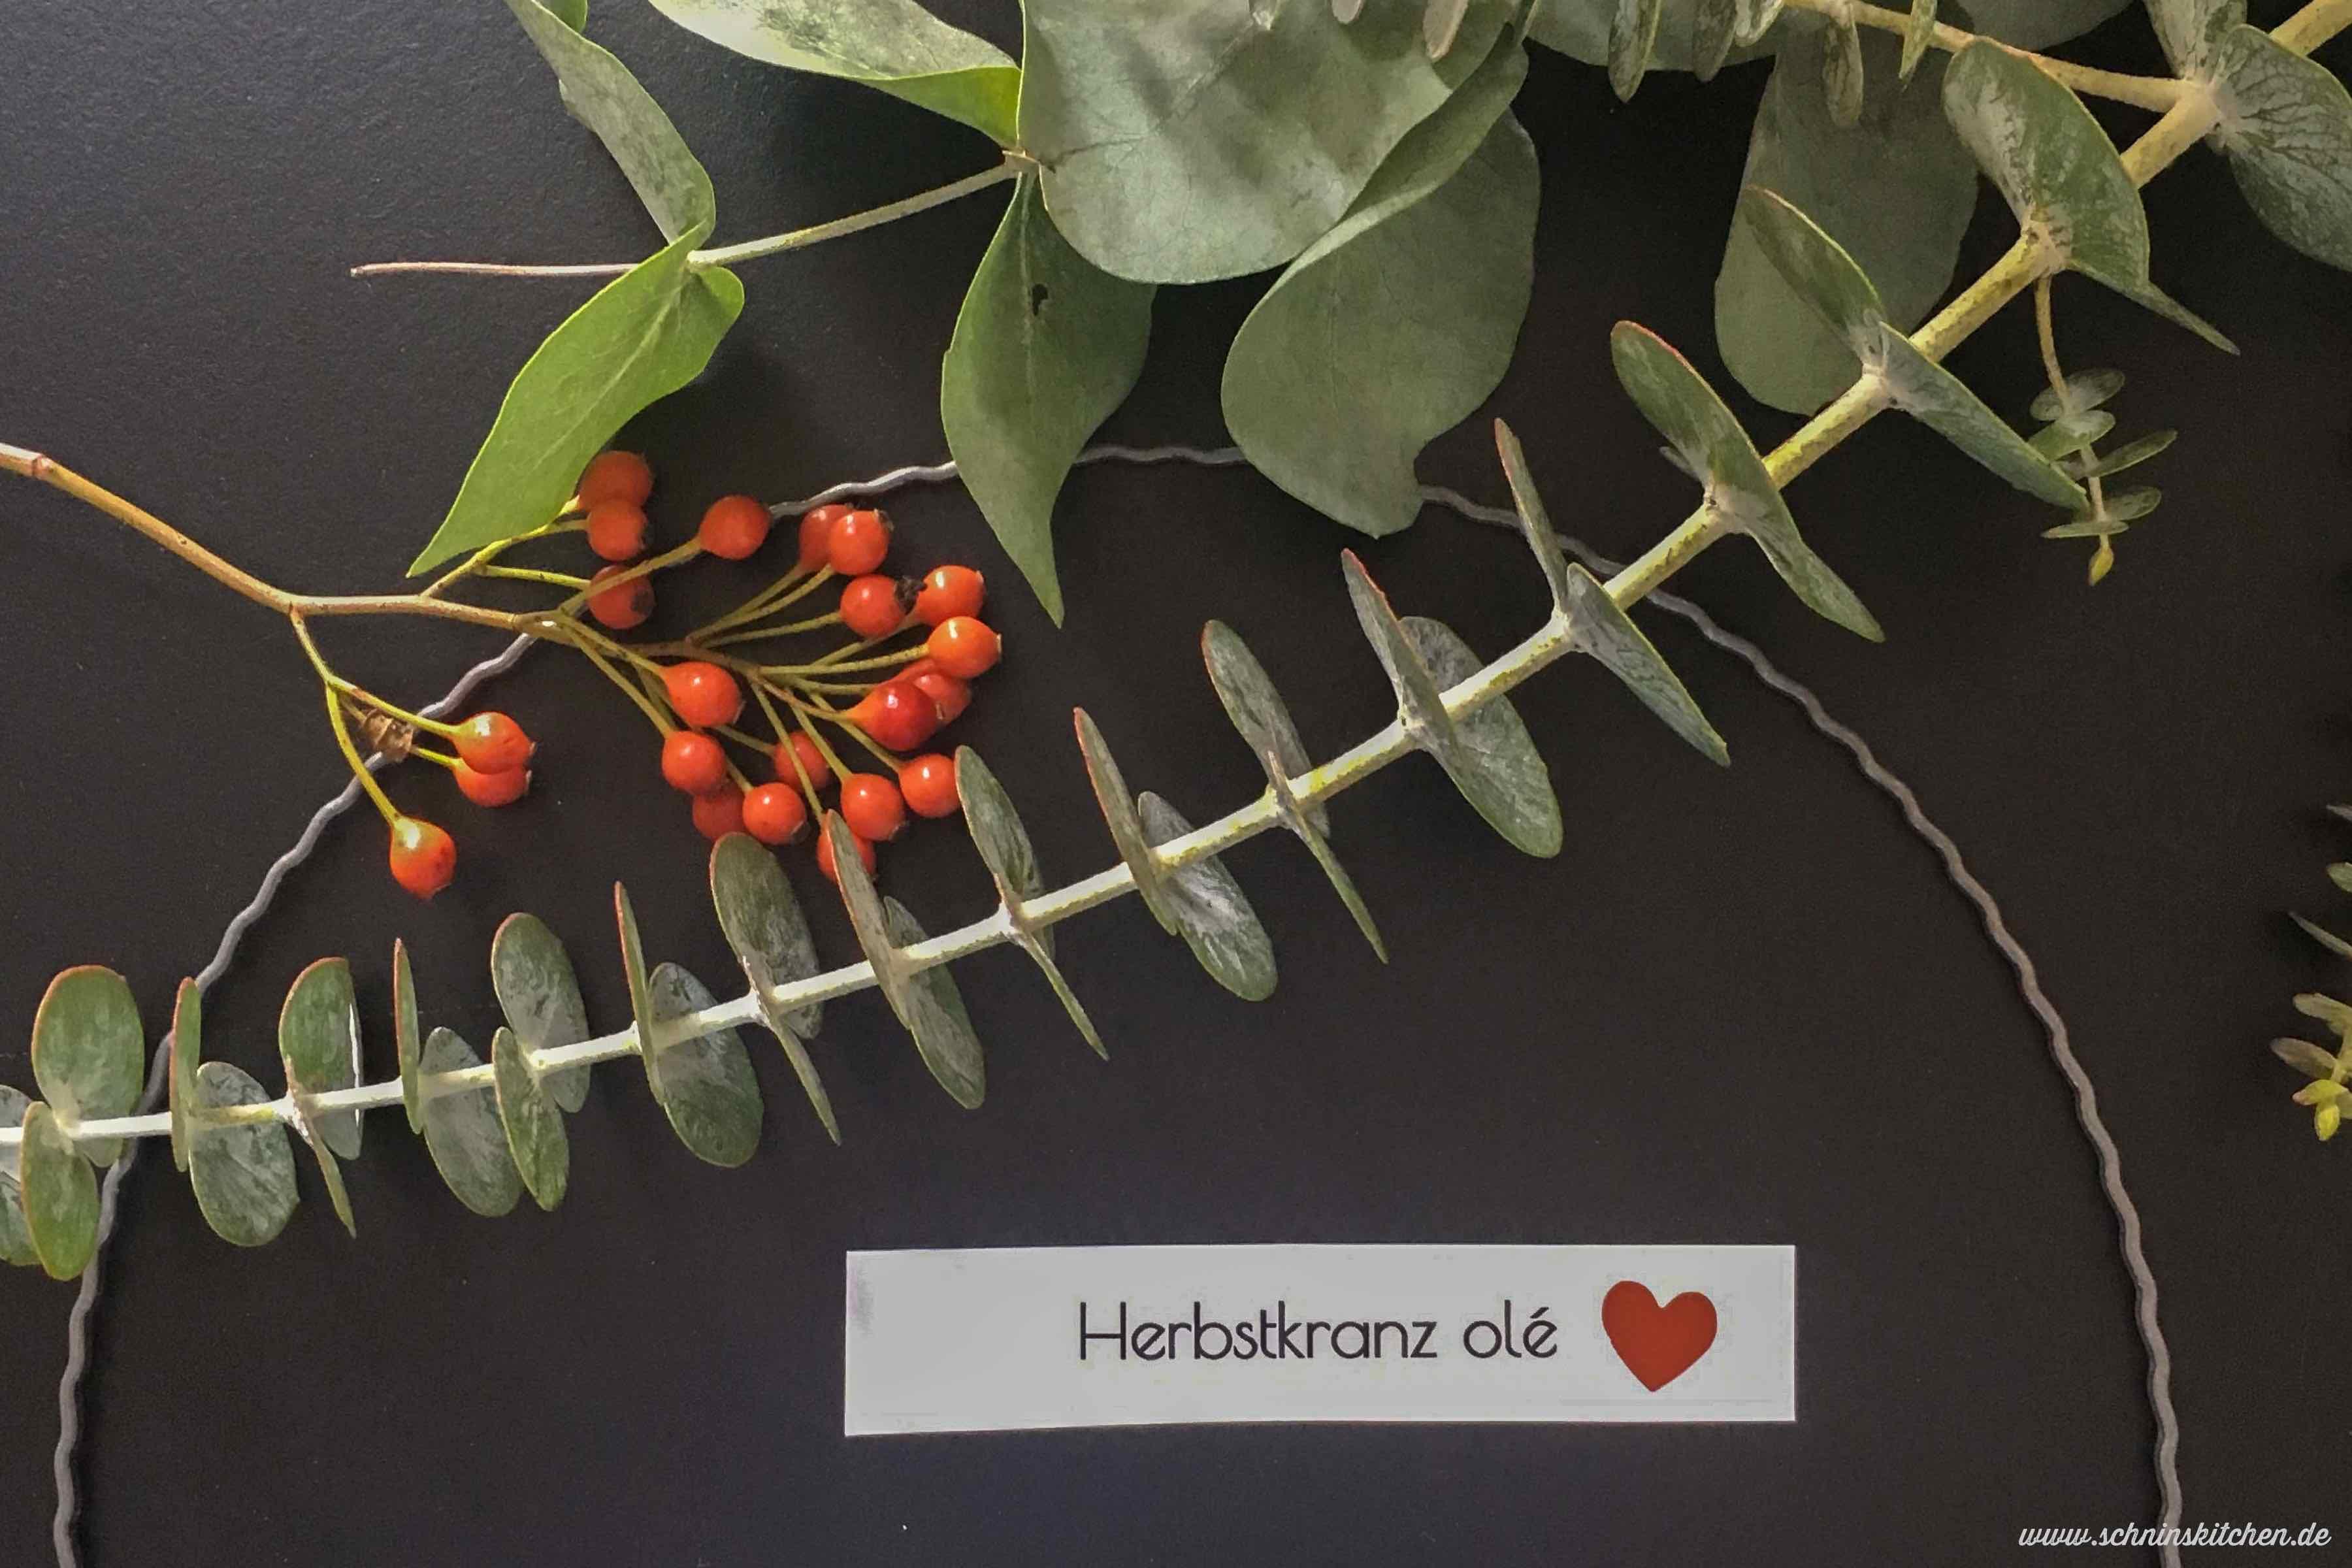 DIY Herbstkranz binden aus Eukalyptus, Heide und Hagebutten - einen herbstlichen Türkranz einfach selber basteln - mit Anleitung | www.schninskitchen.de